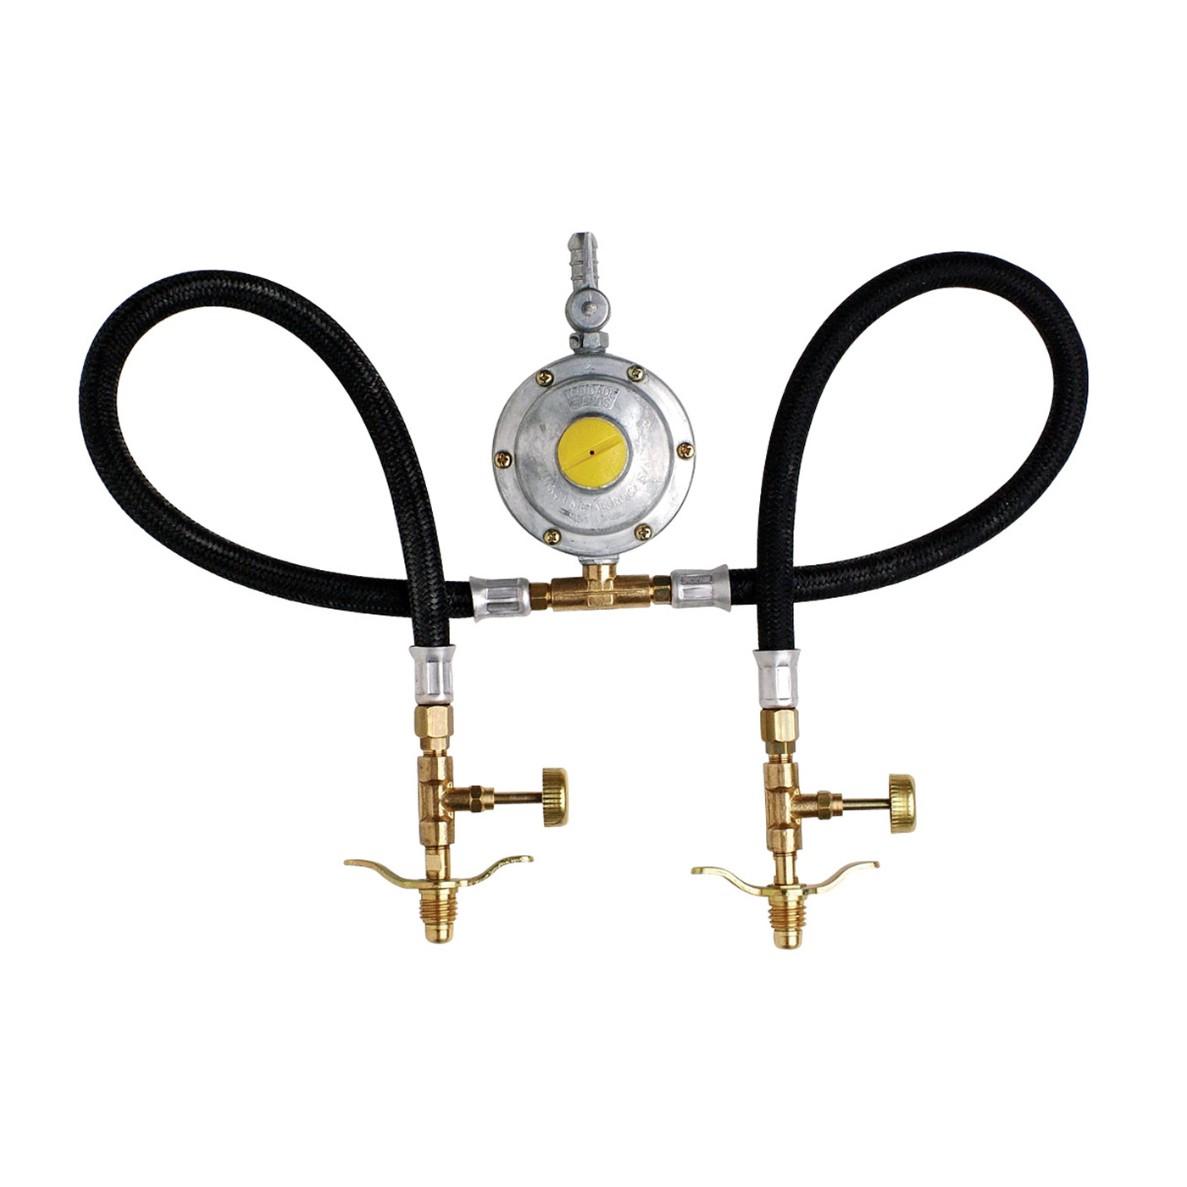 Regulador de Gas Domestico Duplo - 020808 - Jackwal